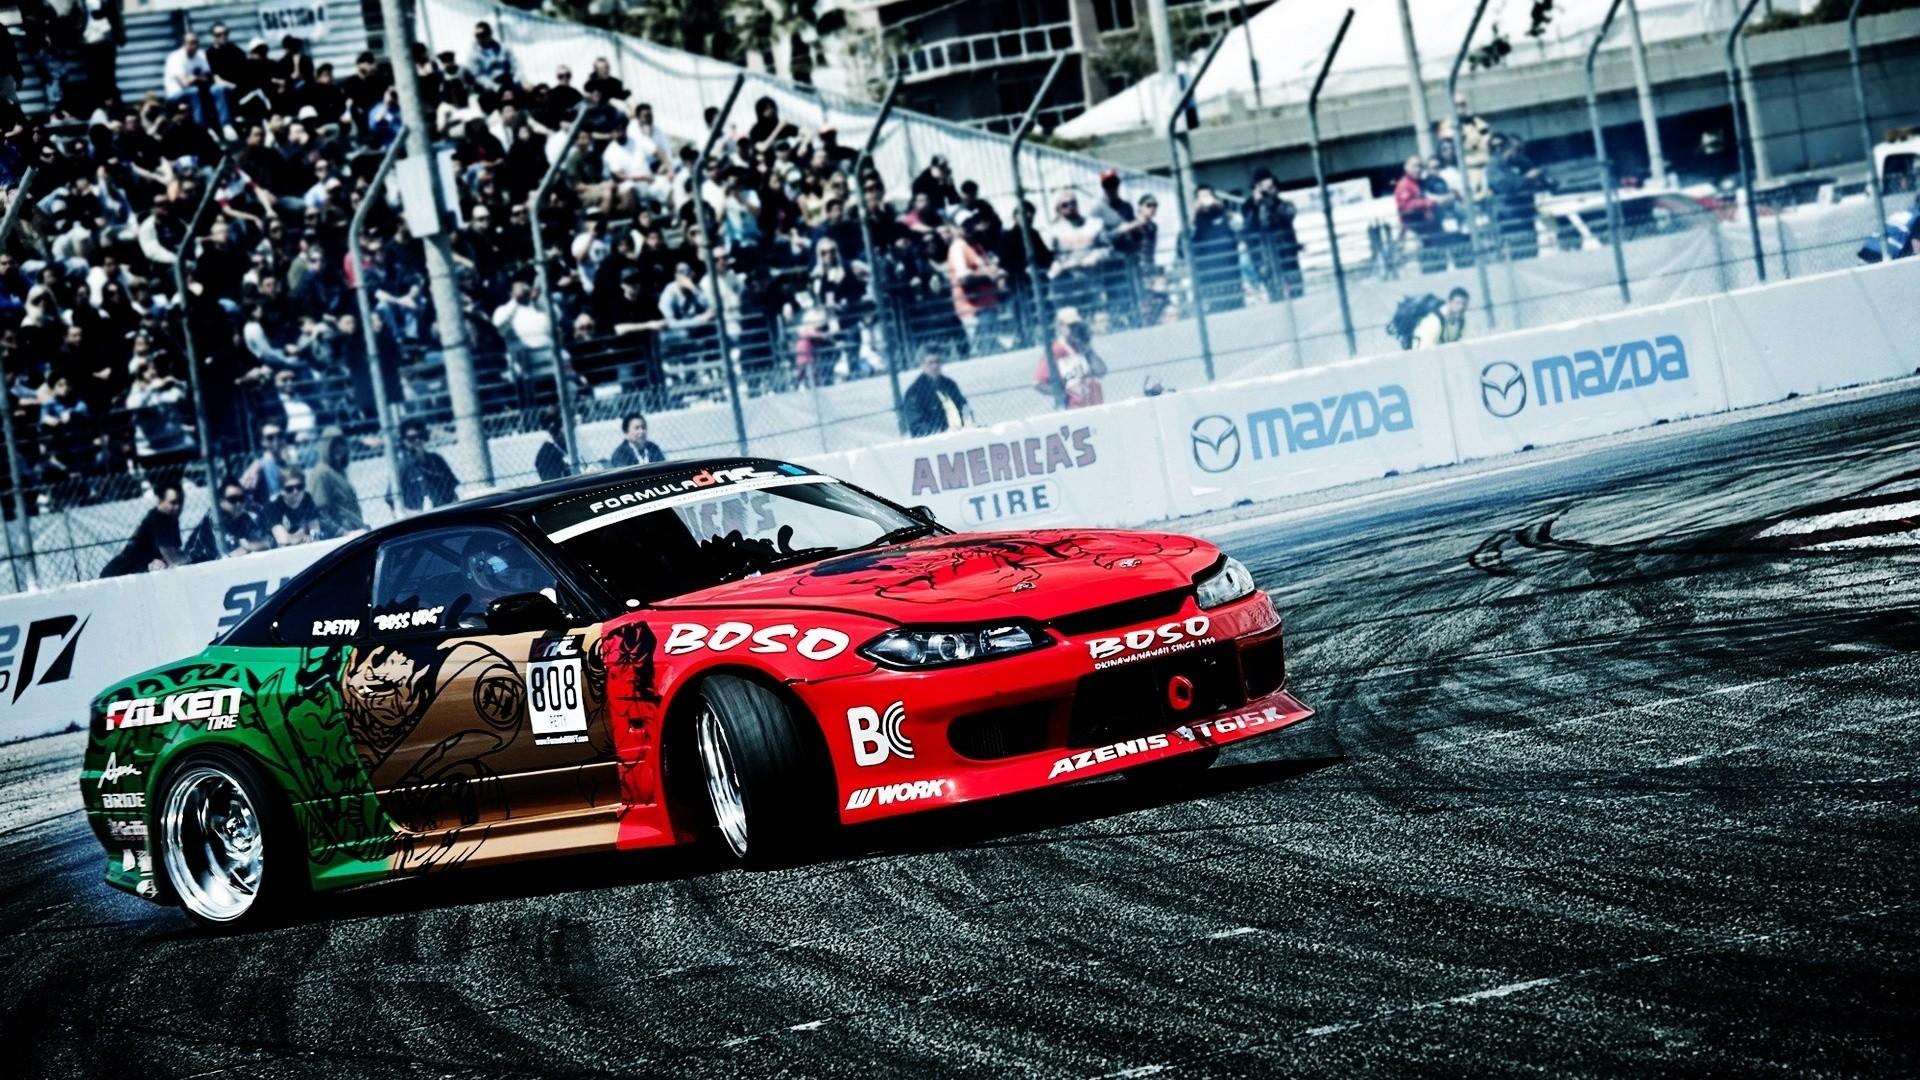 wallpaper drift cars car images 1920x1080 1920x1080